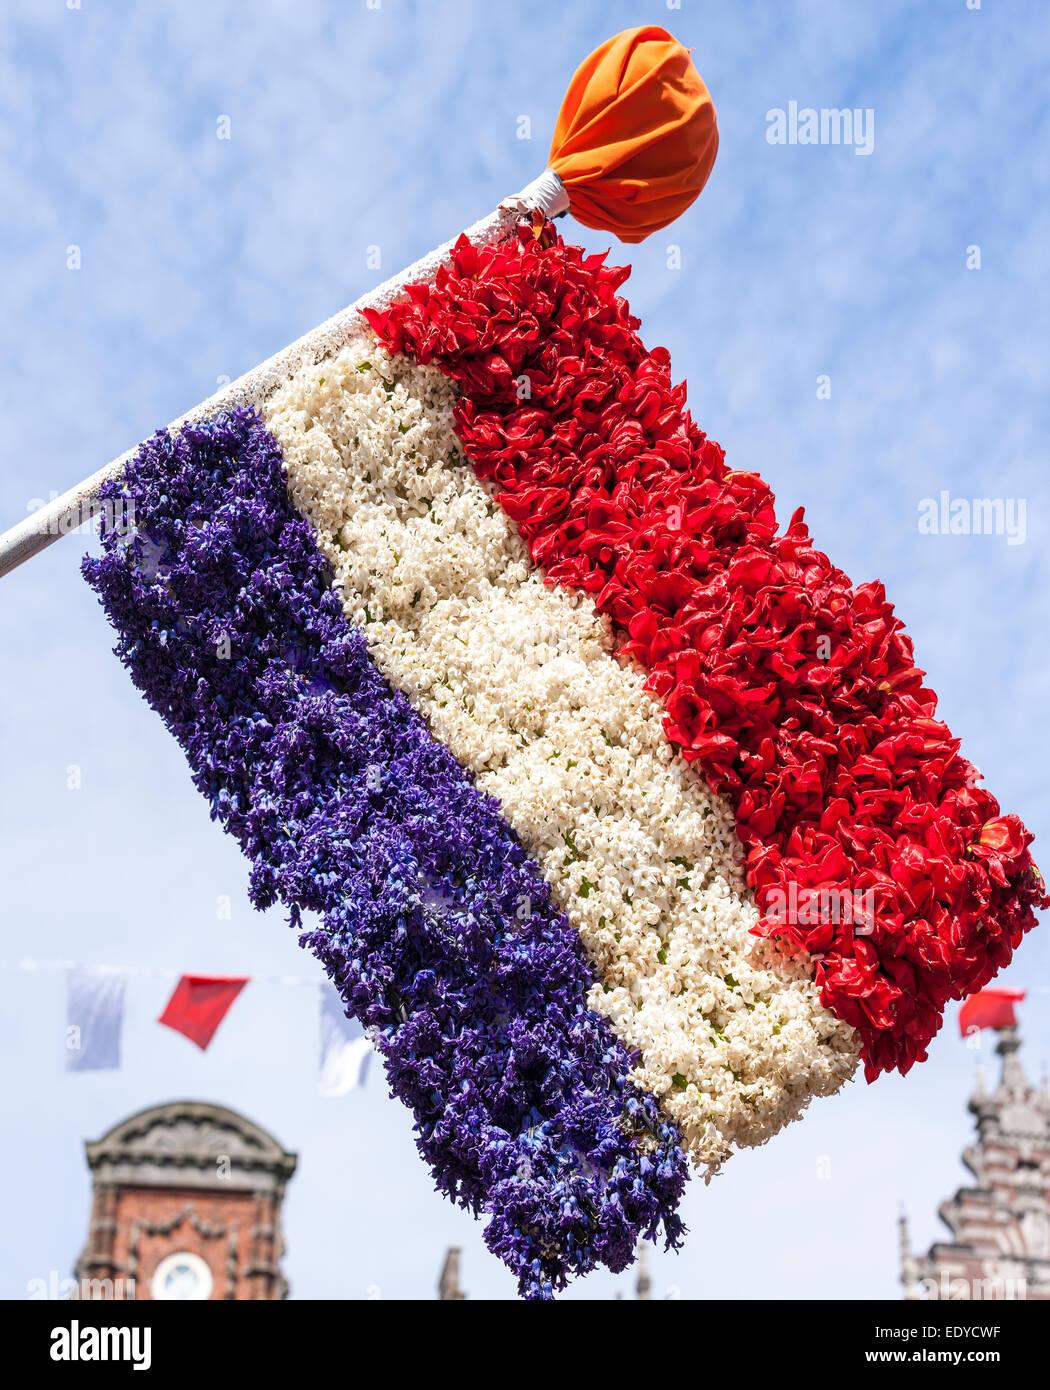 Pavillon des Pays-Bas fait de fleurs à fleurs festival parade à Haarlem, Hollande. Photo Stock